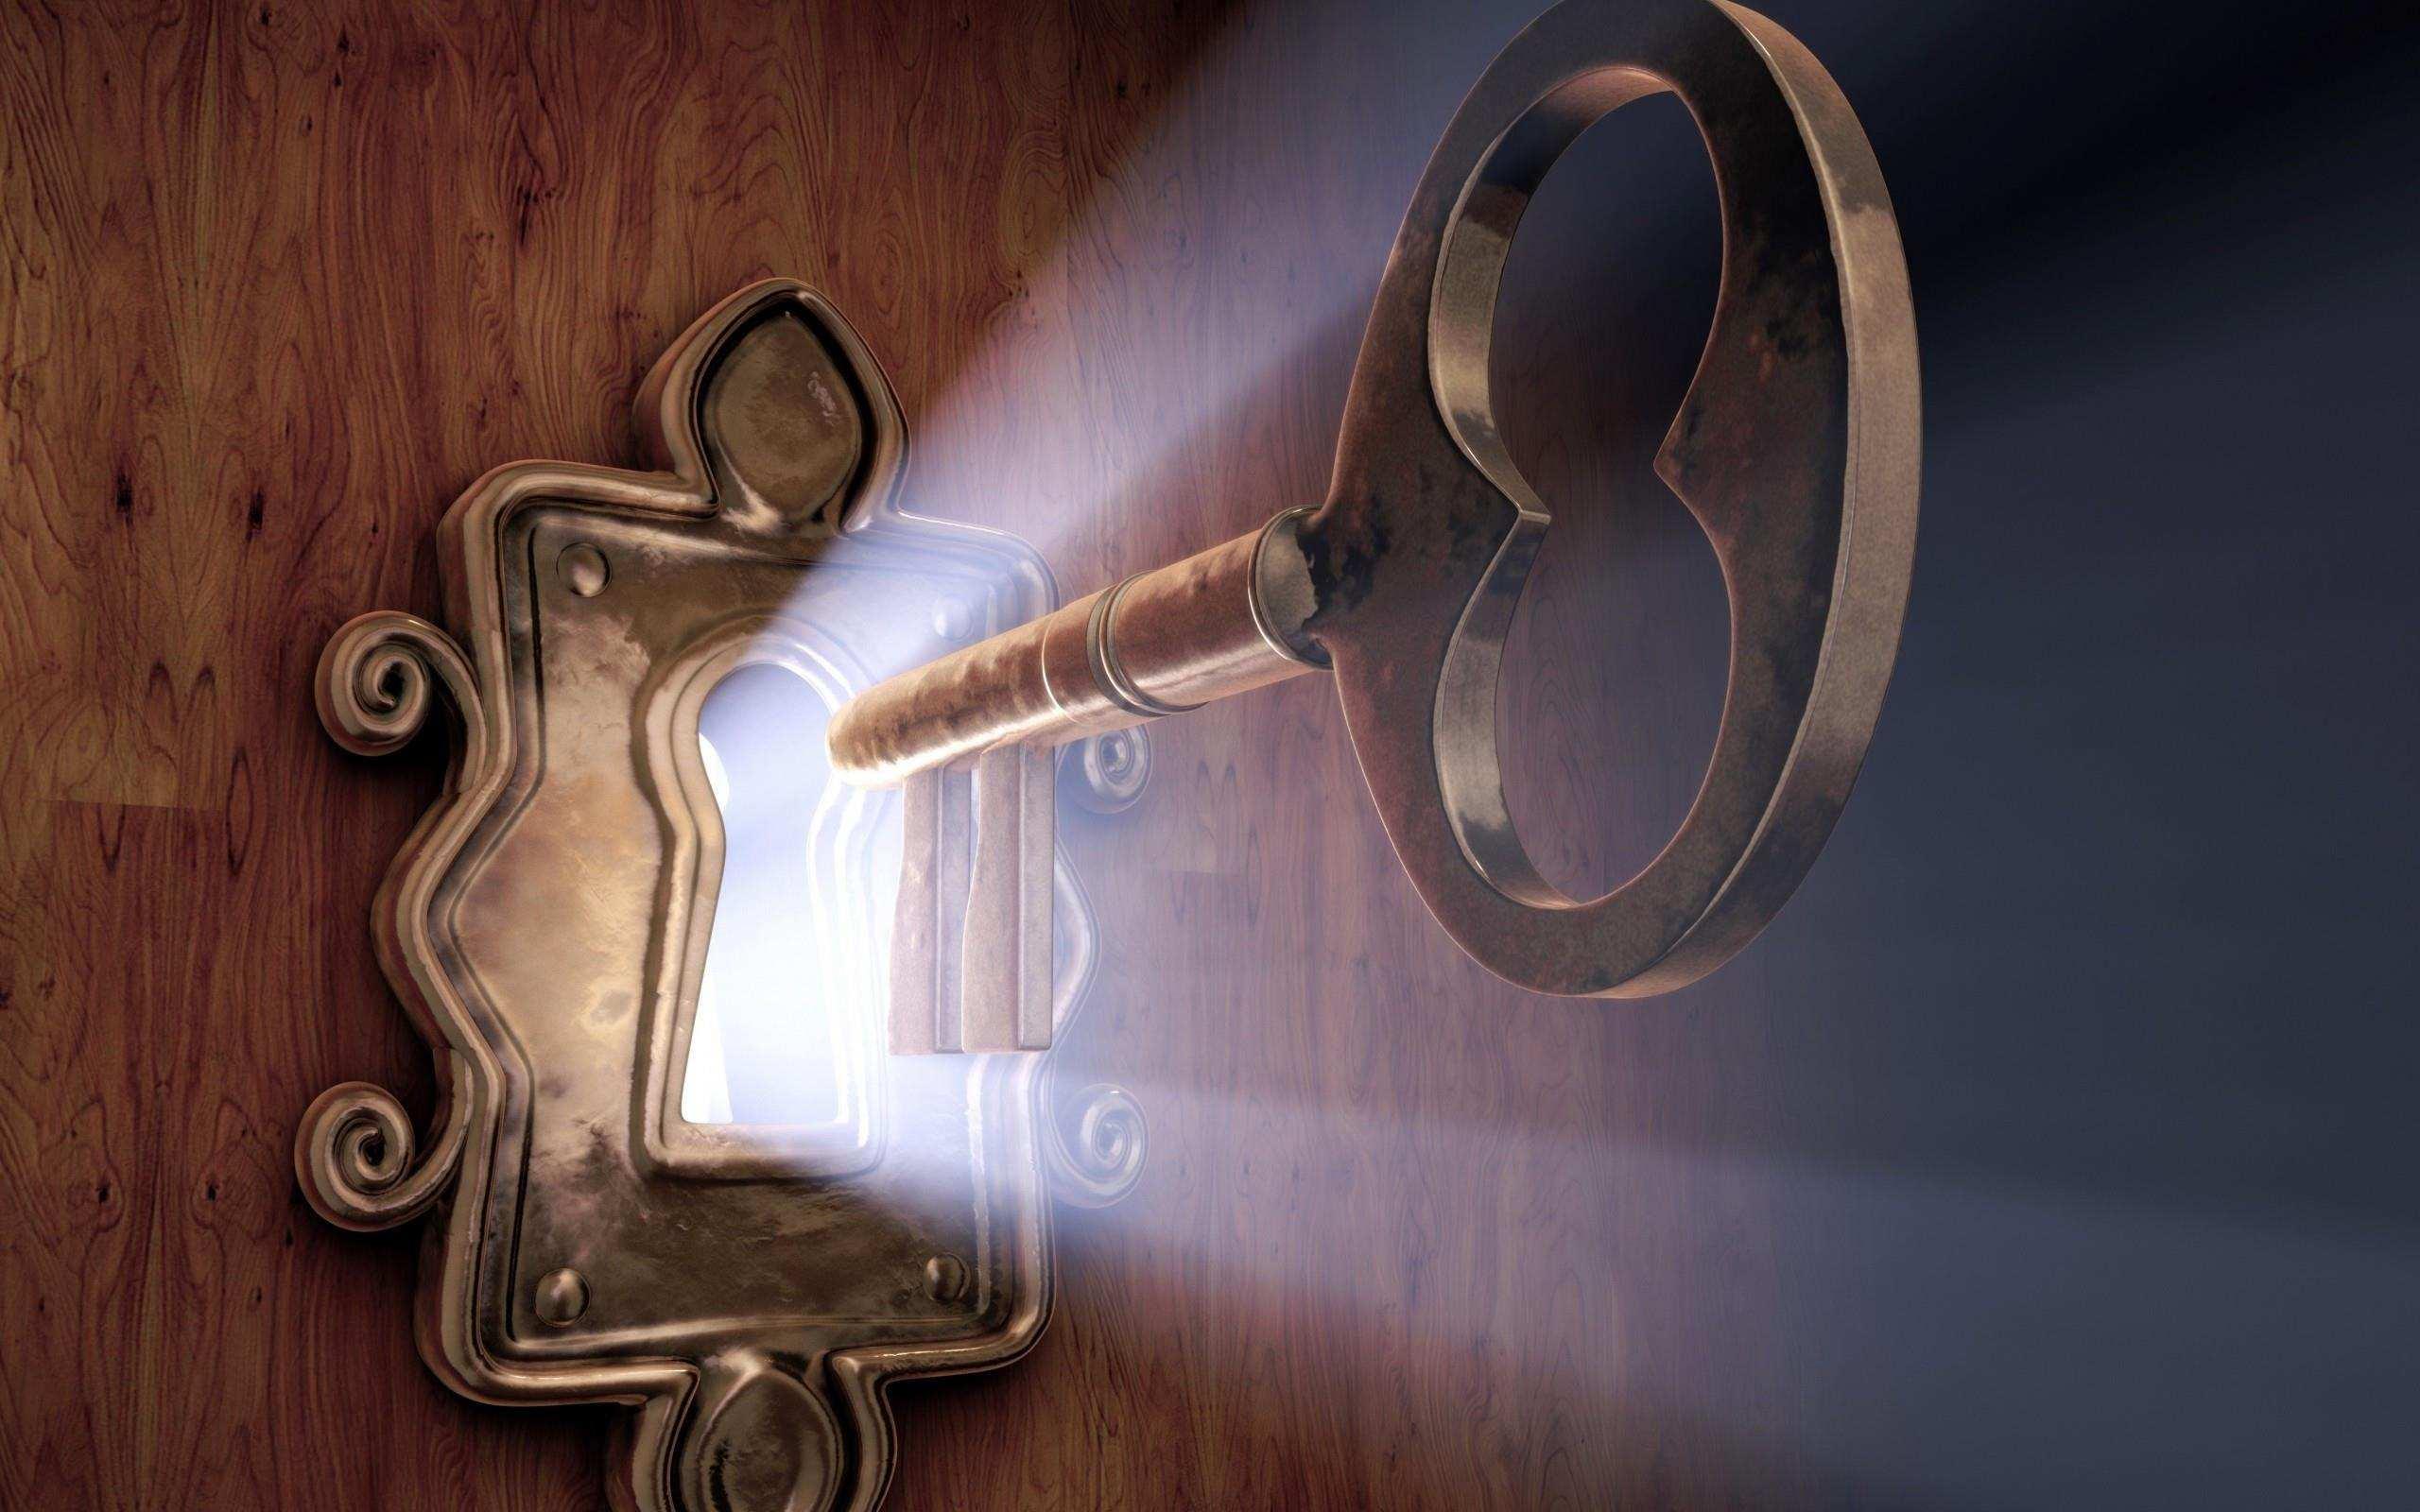 کلیدِ موفقیت در بازار که هرگز کسی به شما نخواهد گفت!